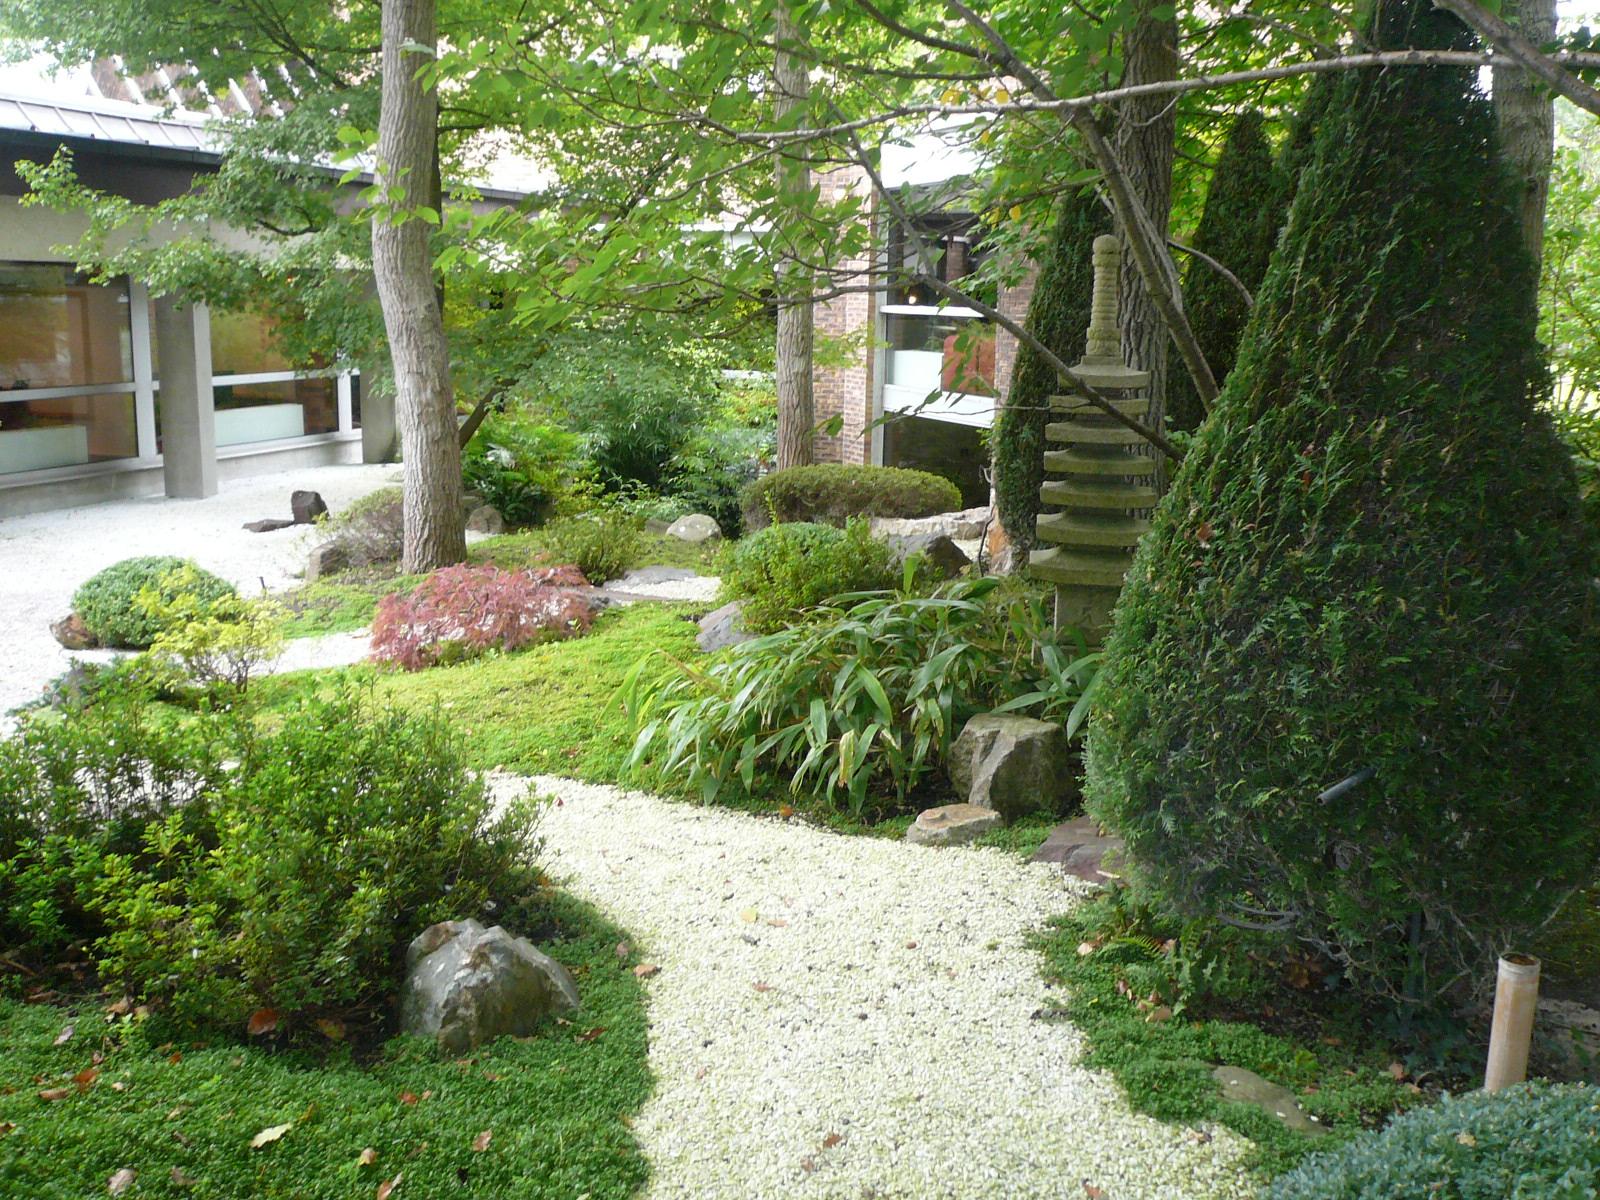 Meilleur de jardin zen japonais id es de salon de jardin - Salon de jardin zen ...